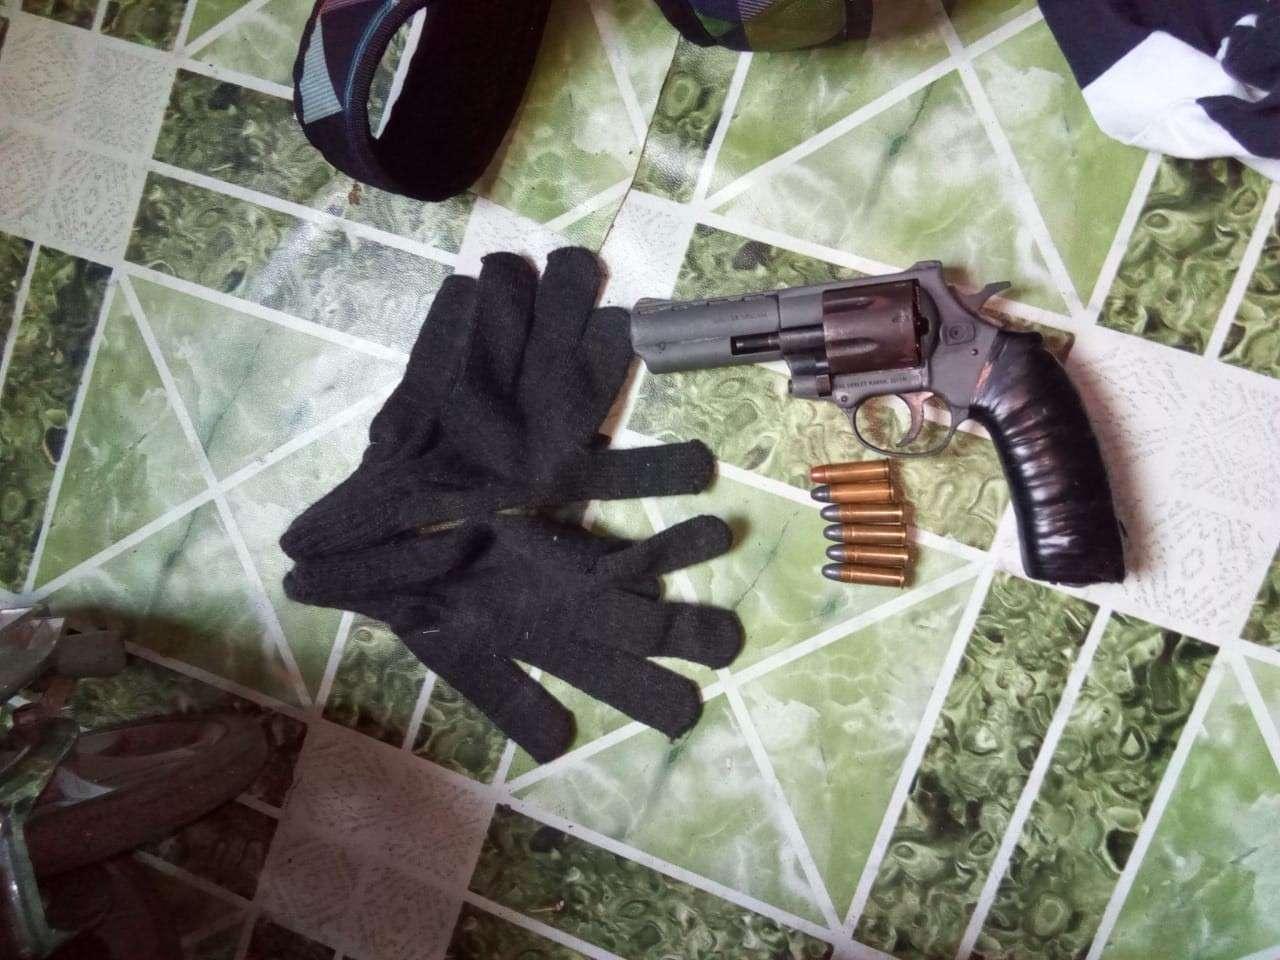 Vista general del arma recuperada por la policía. Foto: Diómedes Sánchez